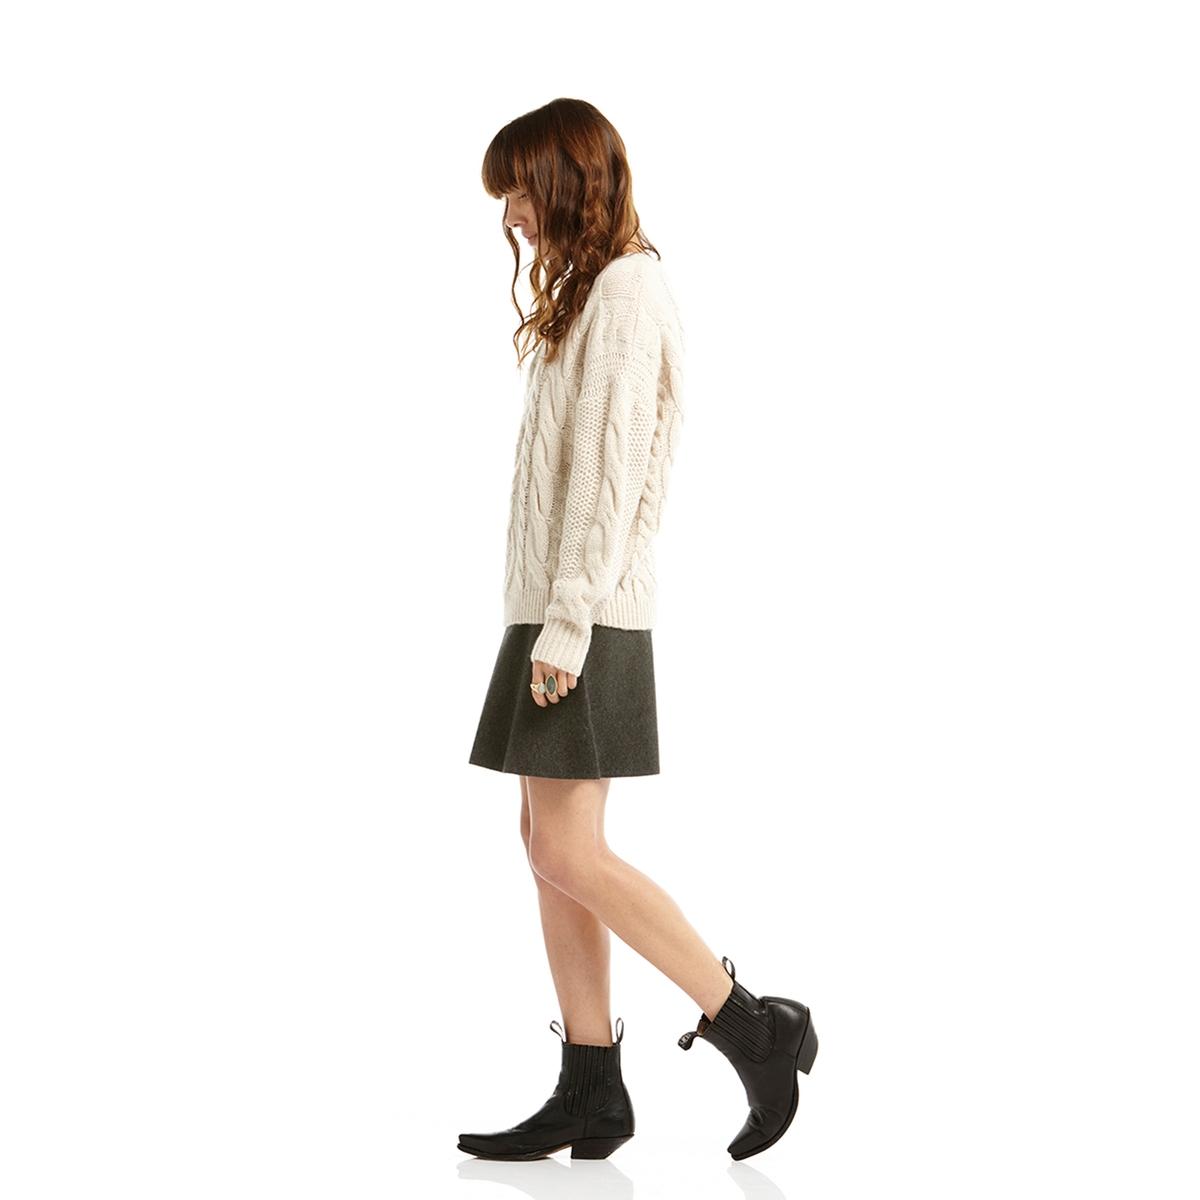 Пуловер, вязка косичкаПуловер с длинными рукавами CHARLISE . Пуловер комфортного прямого покроя. Рельефный трикотаж с вязкой в косичку  . Вырез, низ и манжеты связаны в рубчик . Круглый вырезСостав и описание :Материал : 40% мохера, 37% полиамида, 23% акрилаМарка : CHARLISE.<br><br>Цвет: экрю<br>Размер: M